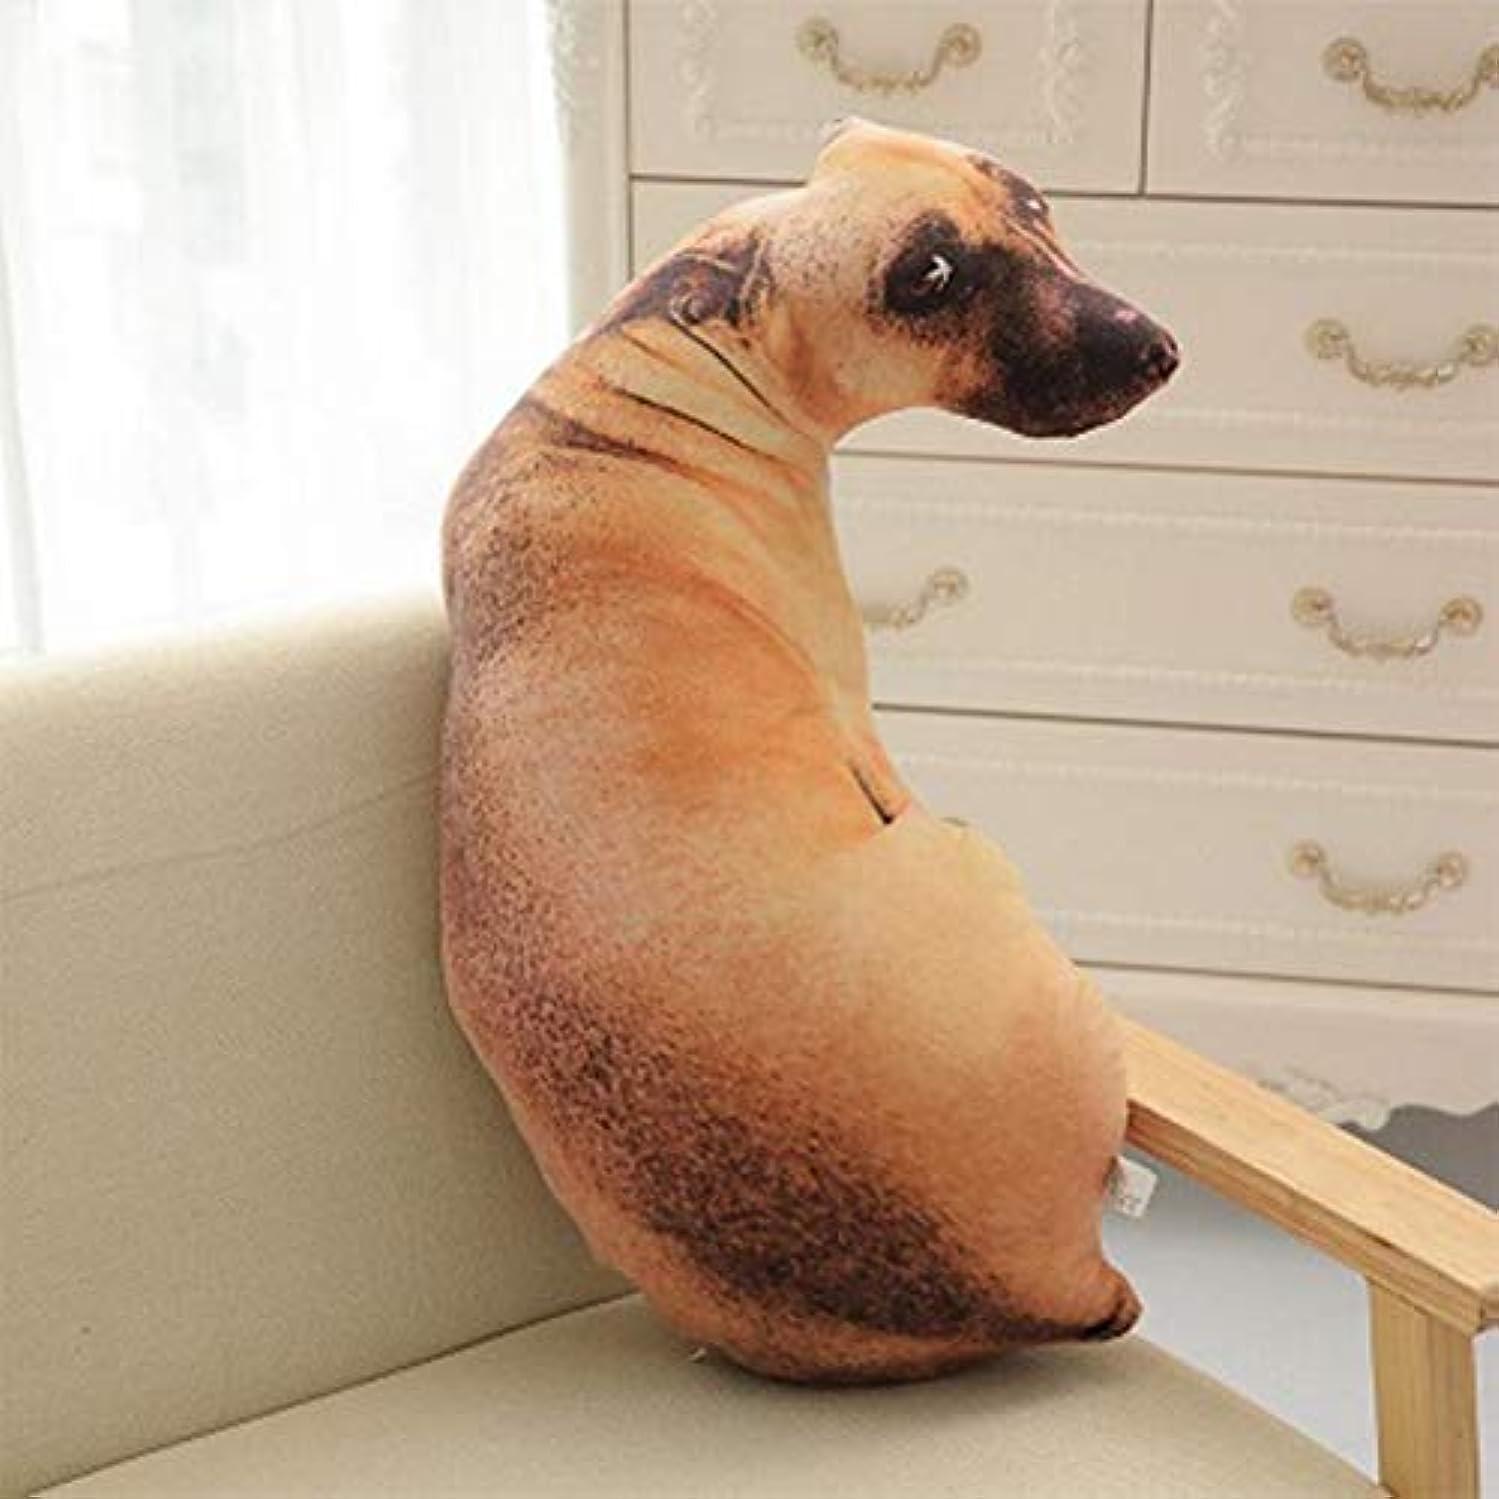 宿る見落とすタップLIFE 3D プリントシミュレーション犬ぬいぐるみクッションぬいぐるみ犬ぬいぐるみ枕ぬいぐるみの漫画クッションキッズ人形ベストギフト クッション 椅子